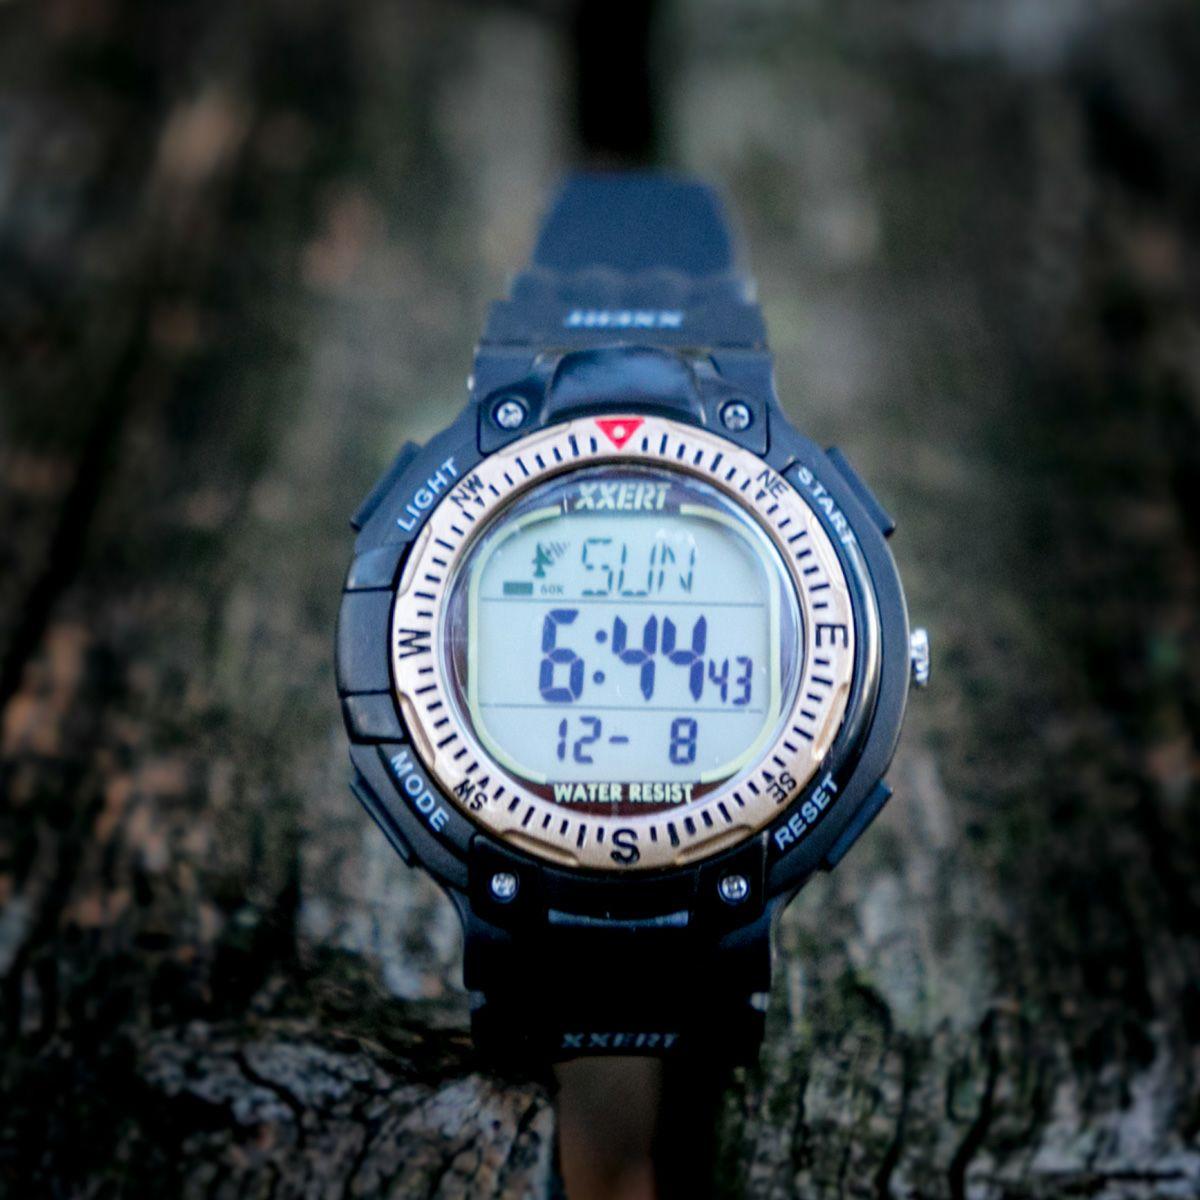 ≪メーカー直販≫ XXERT(エグザート) 腕時計 電波時計 ソーラー ウォッチ 10気圧防水 カレンダー アウトドア ビジネス 部活 入学 卒業 お祝い プレゼント 小学生 XXW-502 ゴールド 1本